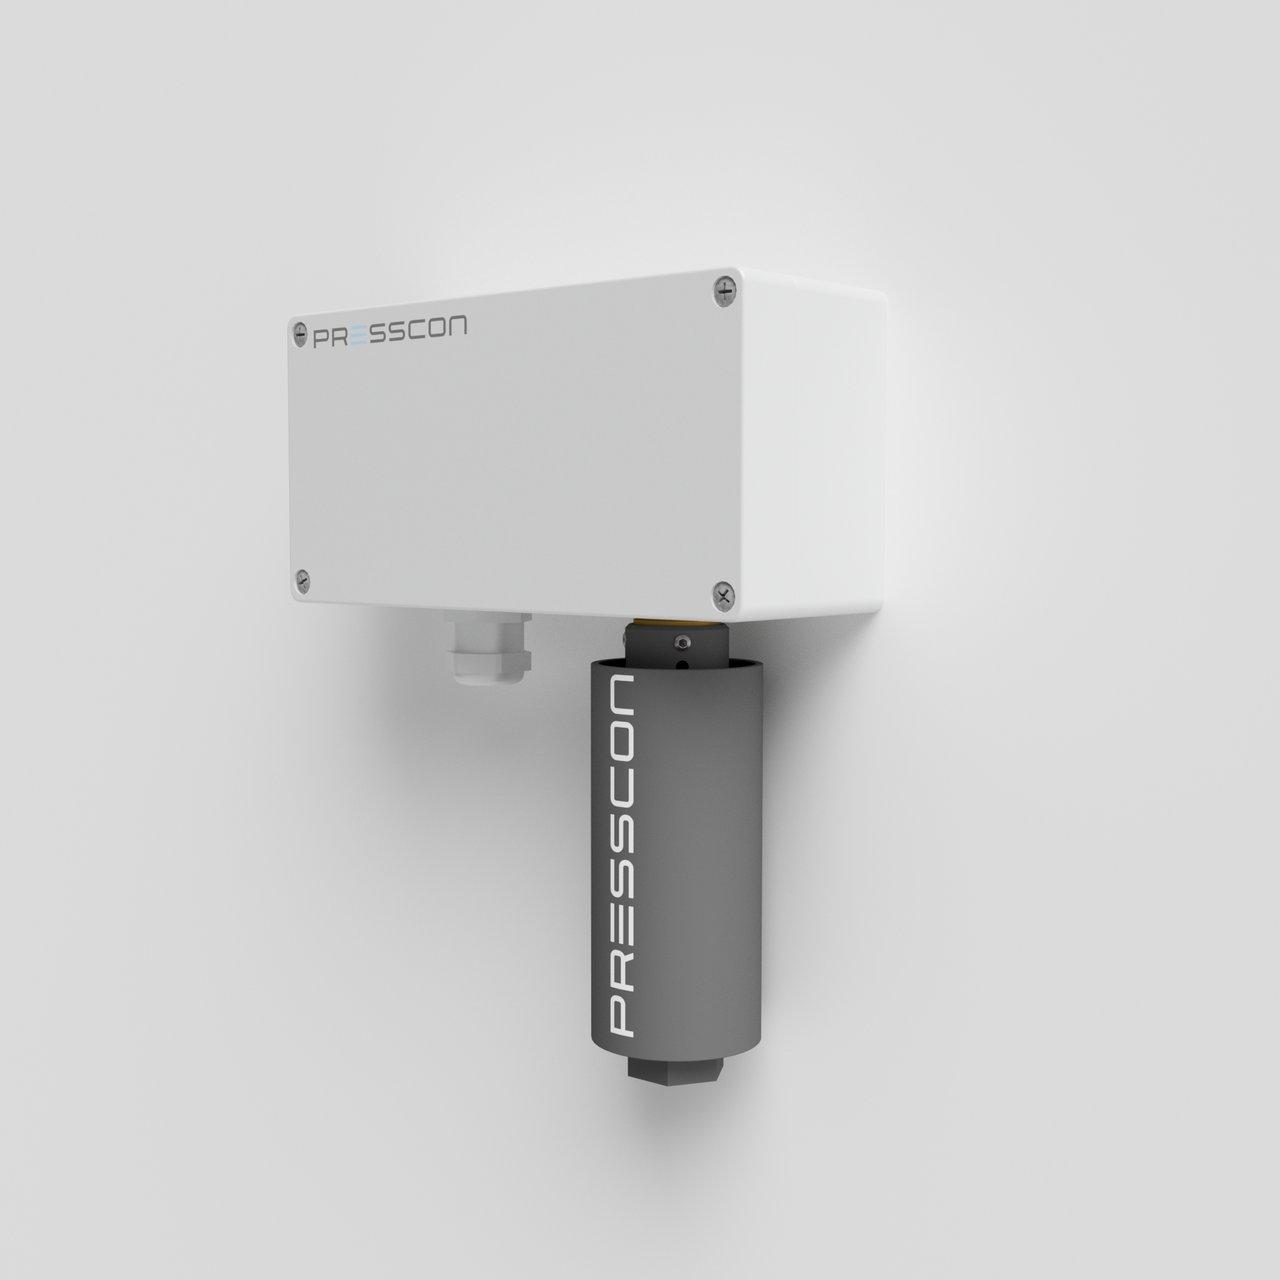 Oxy Sensor presscon